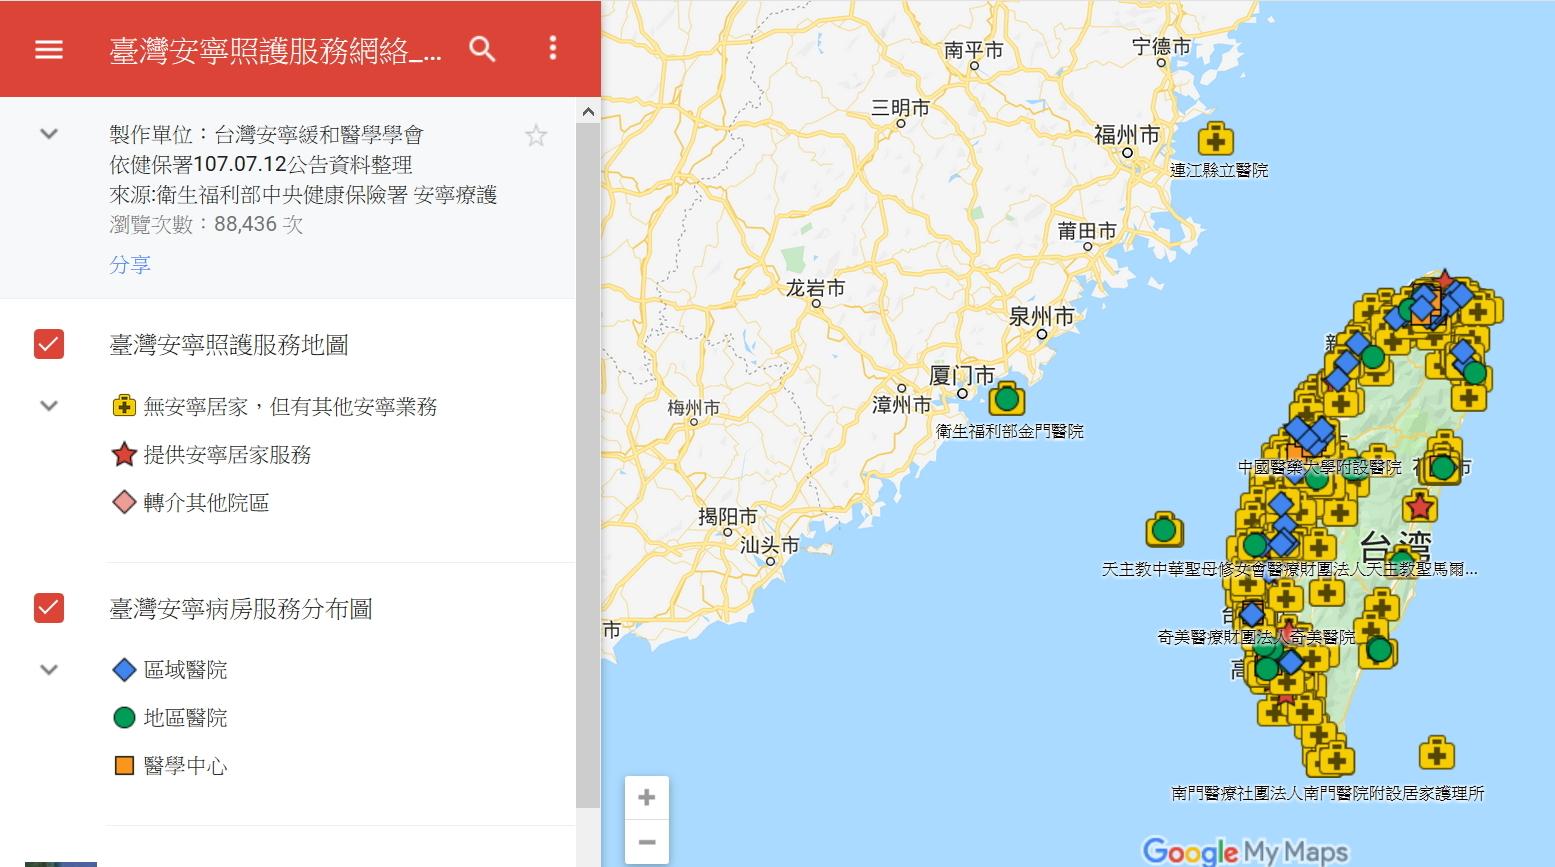 臺灣安寧照護服務網絡 翻攝自台灣安寧緩和醫學學會網頁